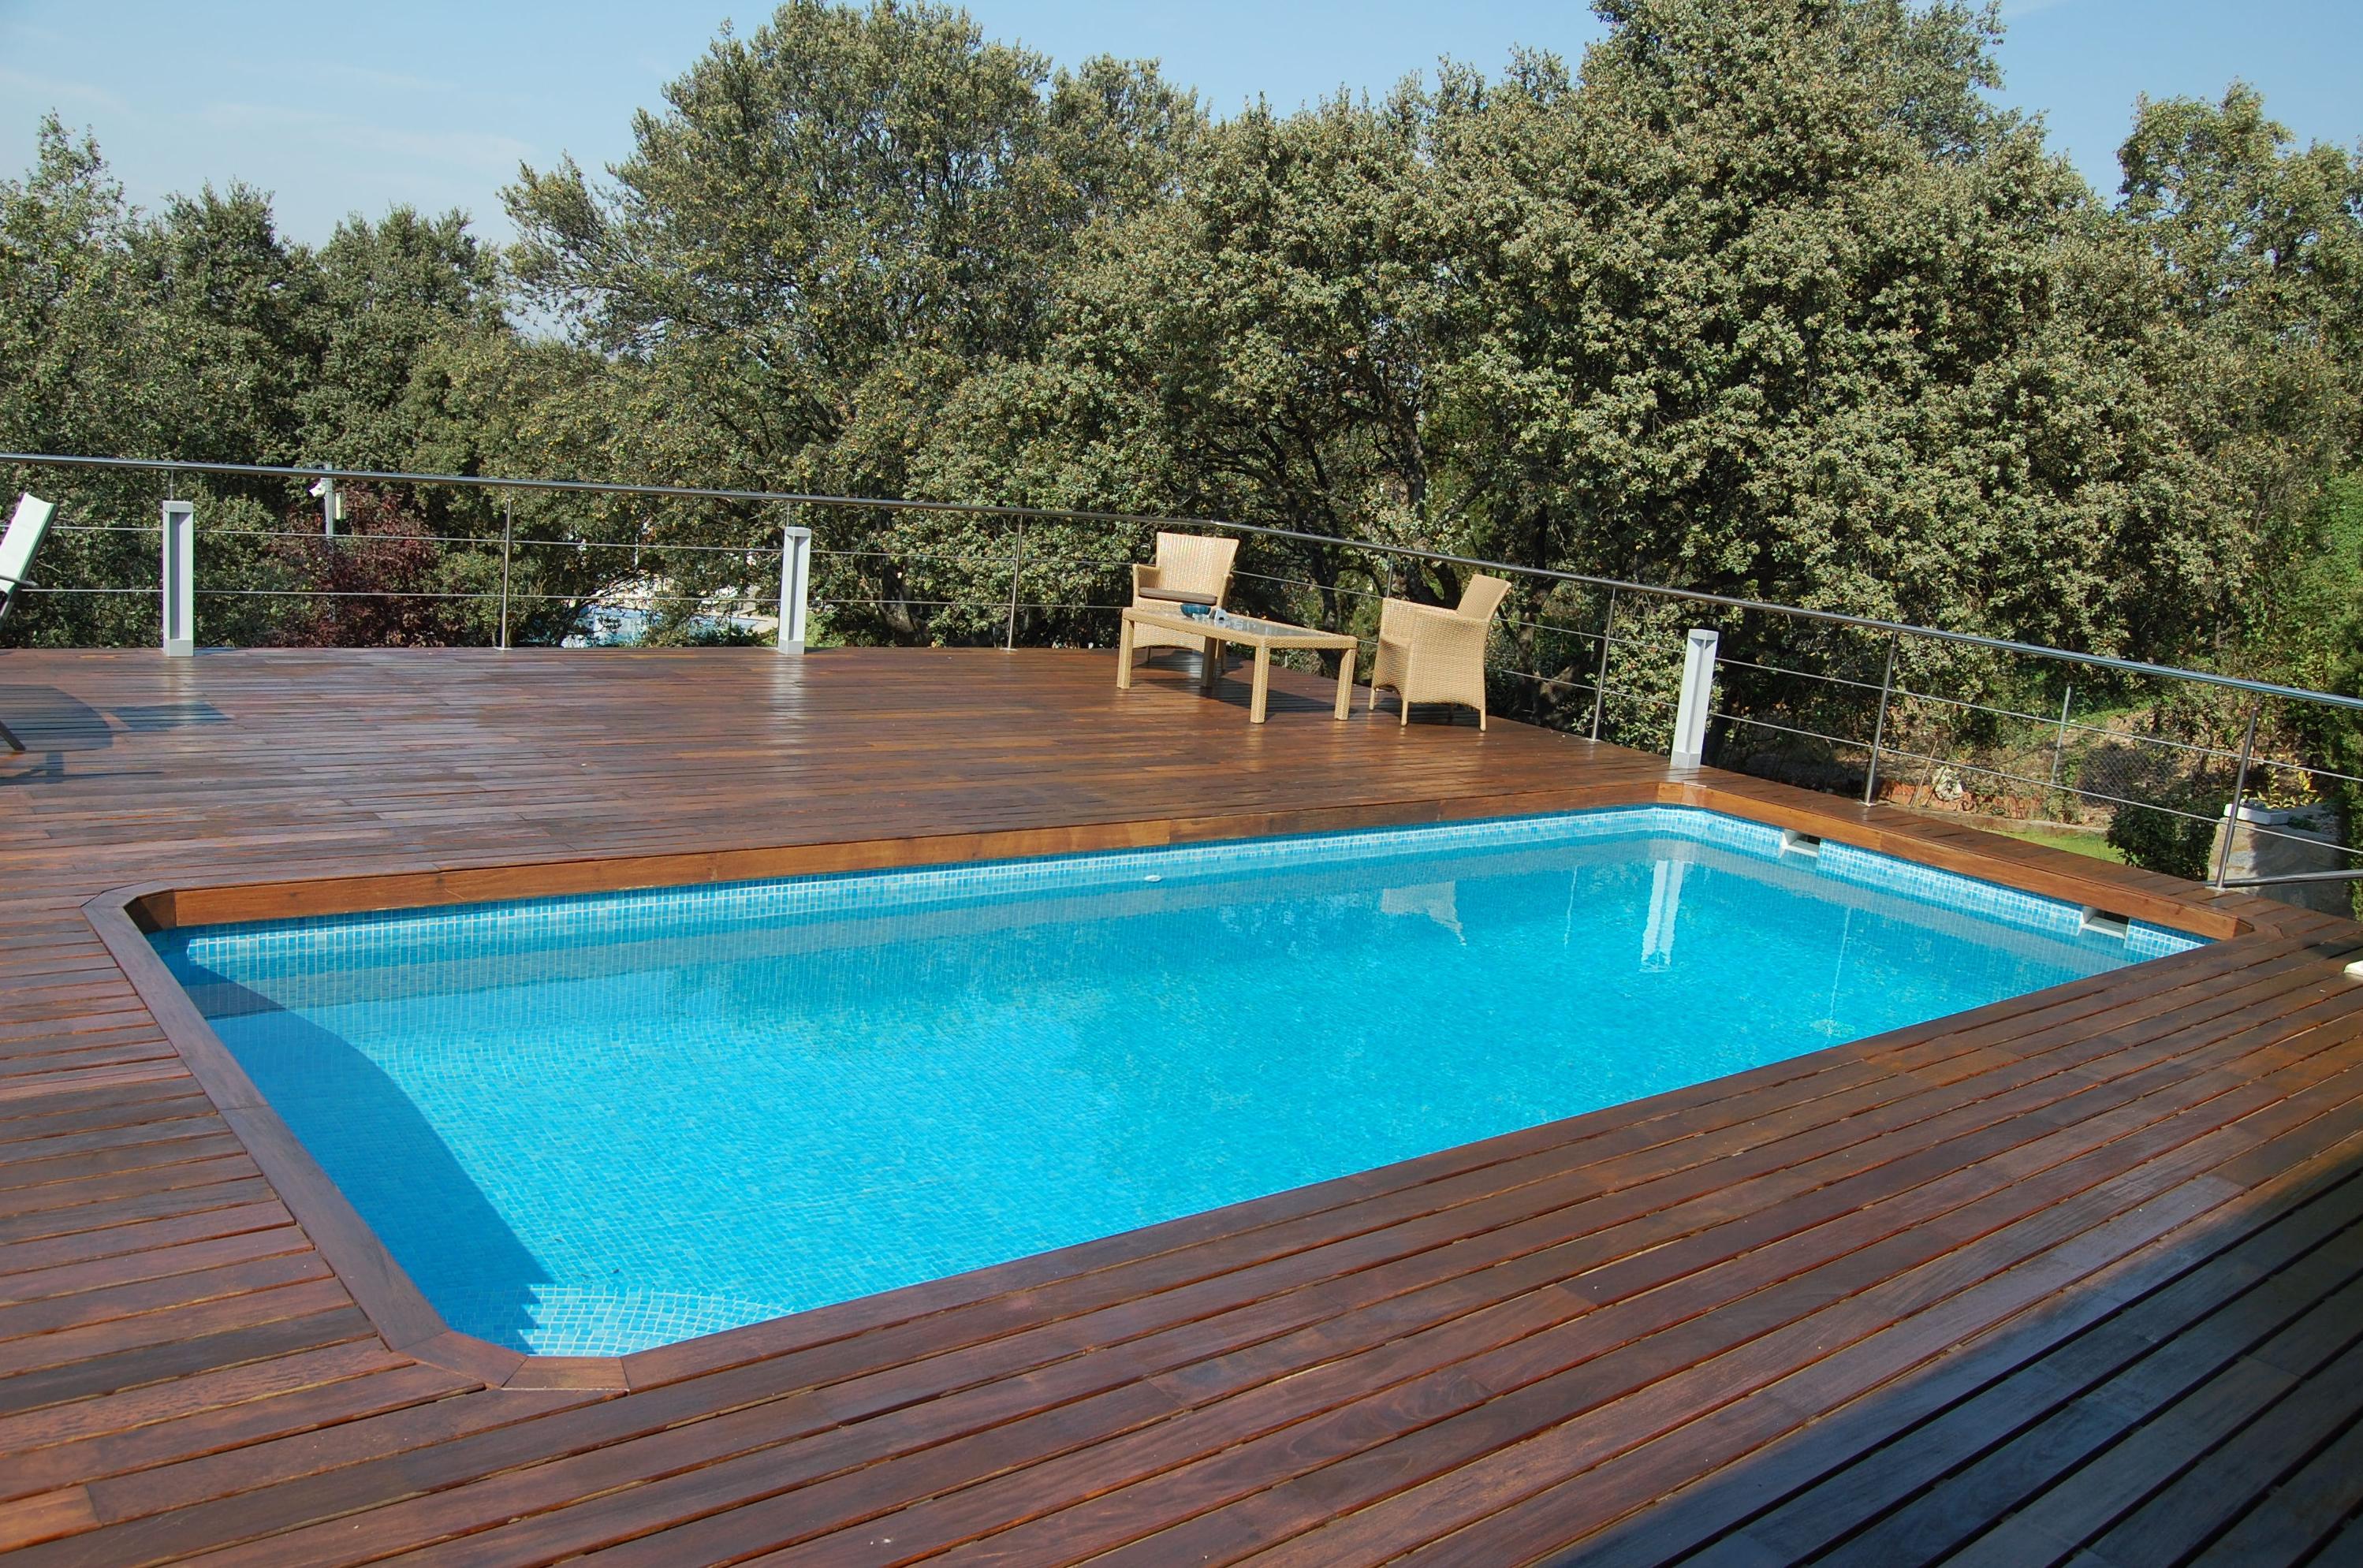 Foto 55 de piscinas instalaci n y mantenimiento en san - Piscinas obra precios ...